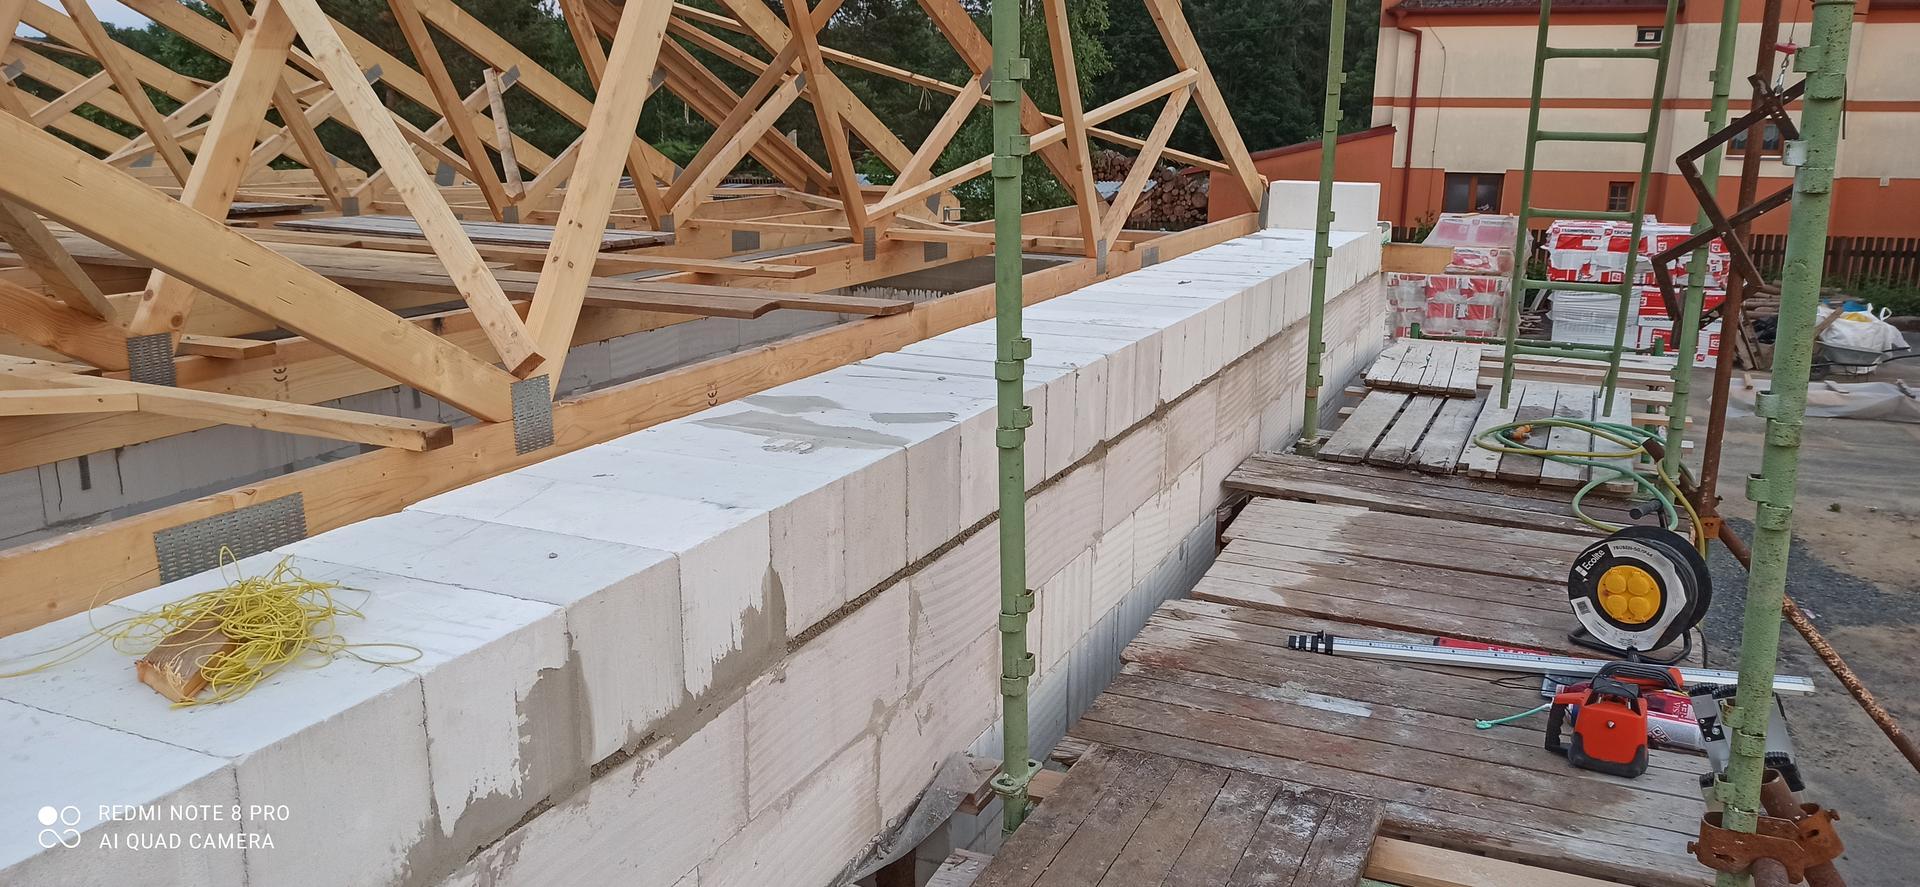 Střecha - První řada založena na zakládací tepelněizolační Maltu Ytong a polozena na plnou šířku zdiva tak aby se rozložila váha štítové stěny která je široká 250 mm a jelikož je zateplený věnec vencovkou a PIR tak nezbývá moc místa pro uložení na zdivo.